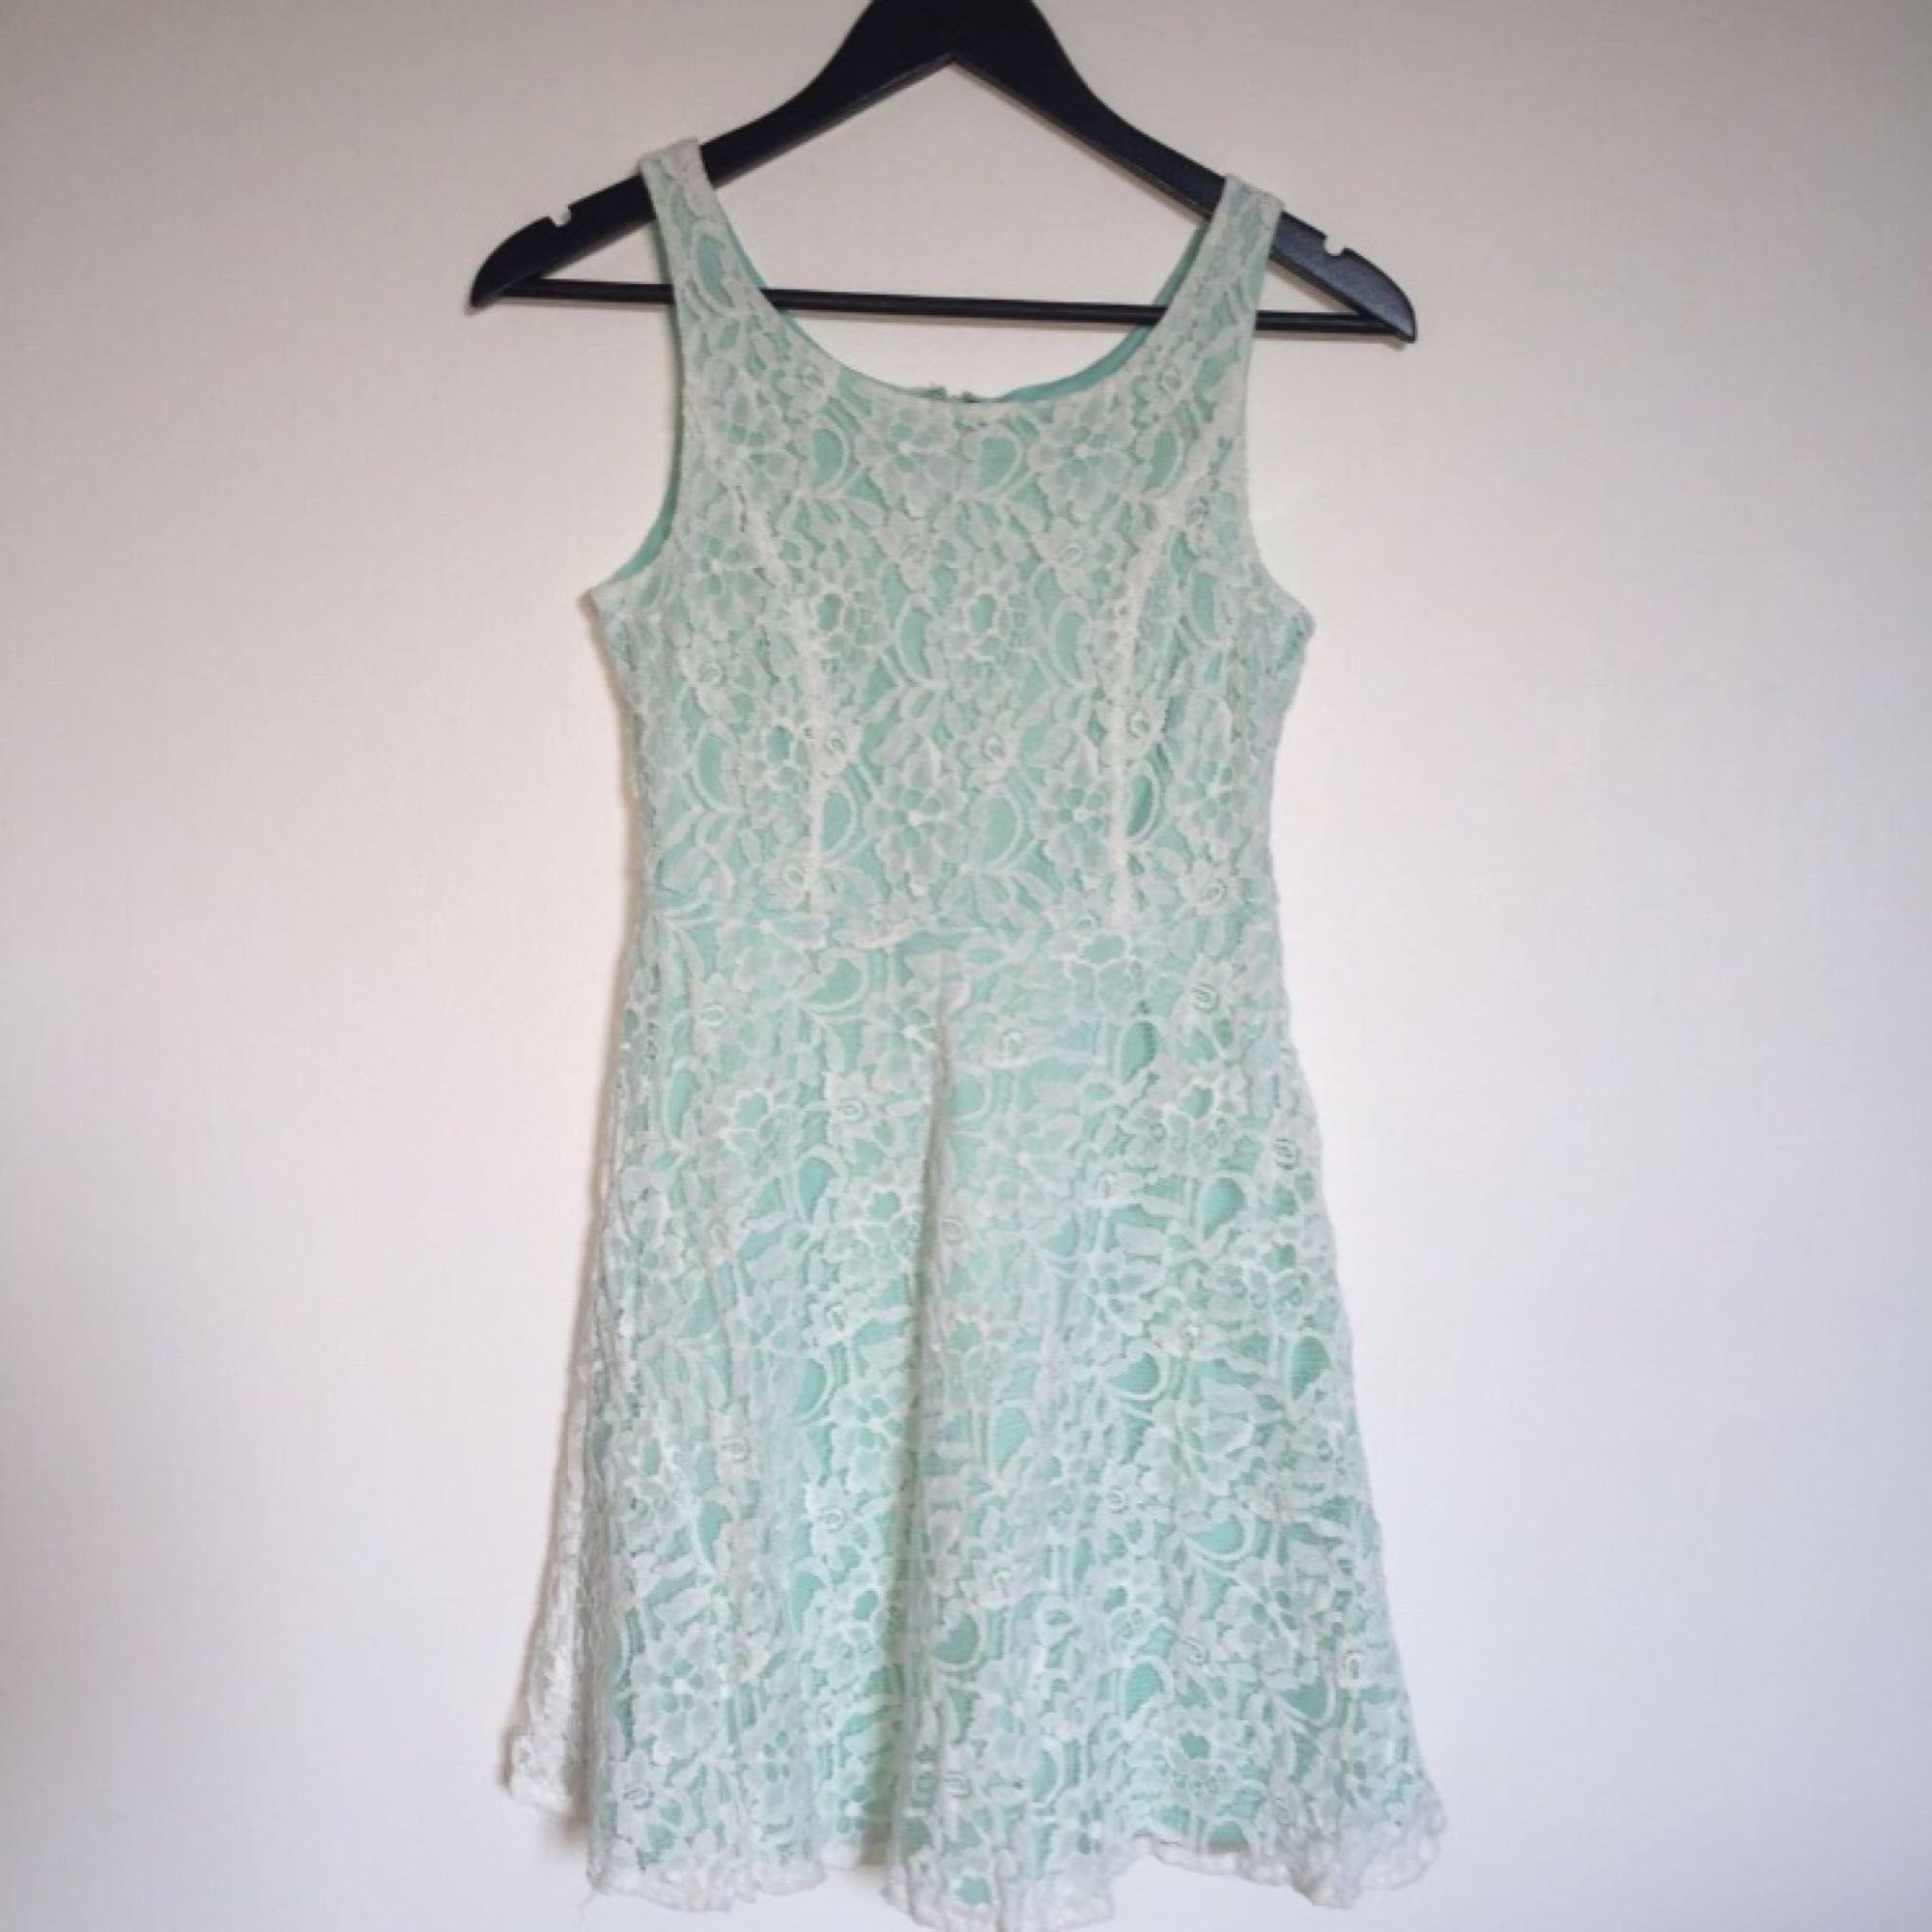 d3137e45b62c Fräsch och härlig Spetsklänning i vit och ljus turkos. Använd sparsamt,  från Australien. Fräsch och härlig